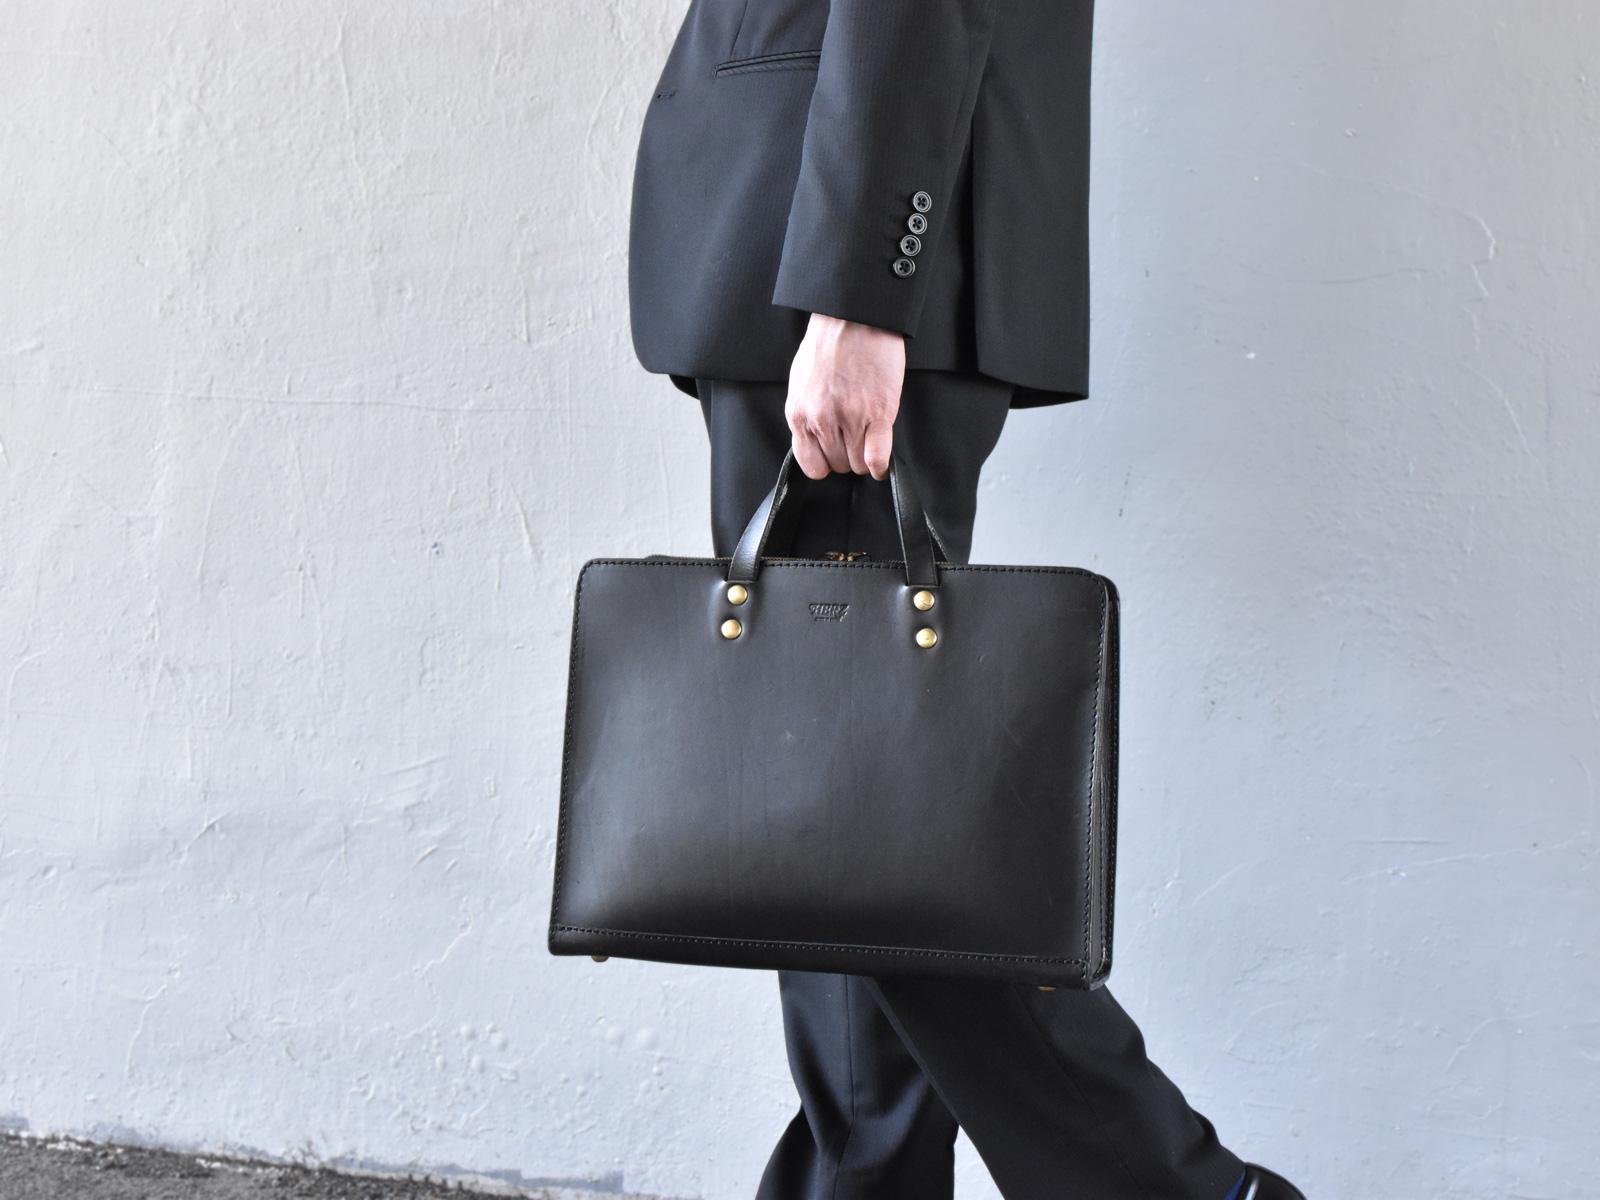 オンラインショップおすすめビジネスバッグのご紹介 ~二本手ビジネスバッグ(BW-111)~